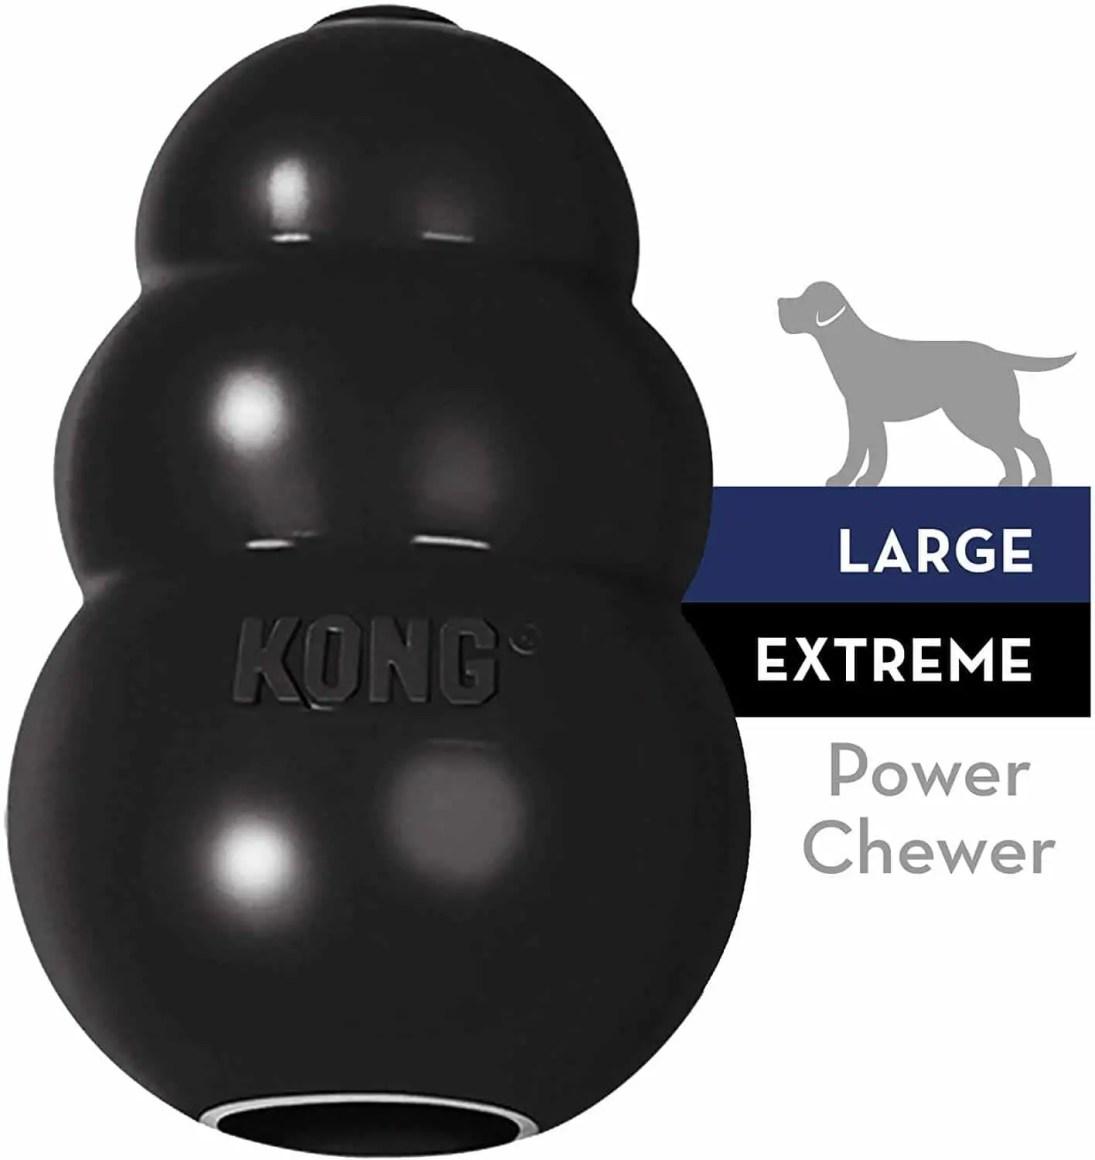 il miglior gioco per cani kong nero extreme indistruttibile